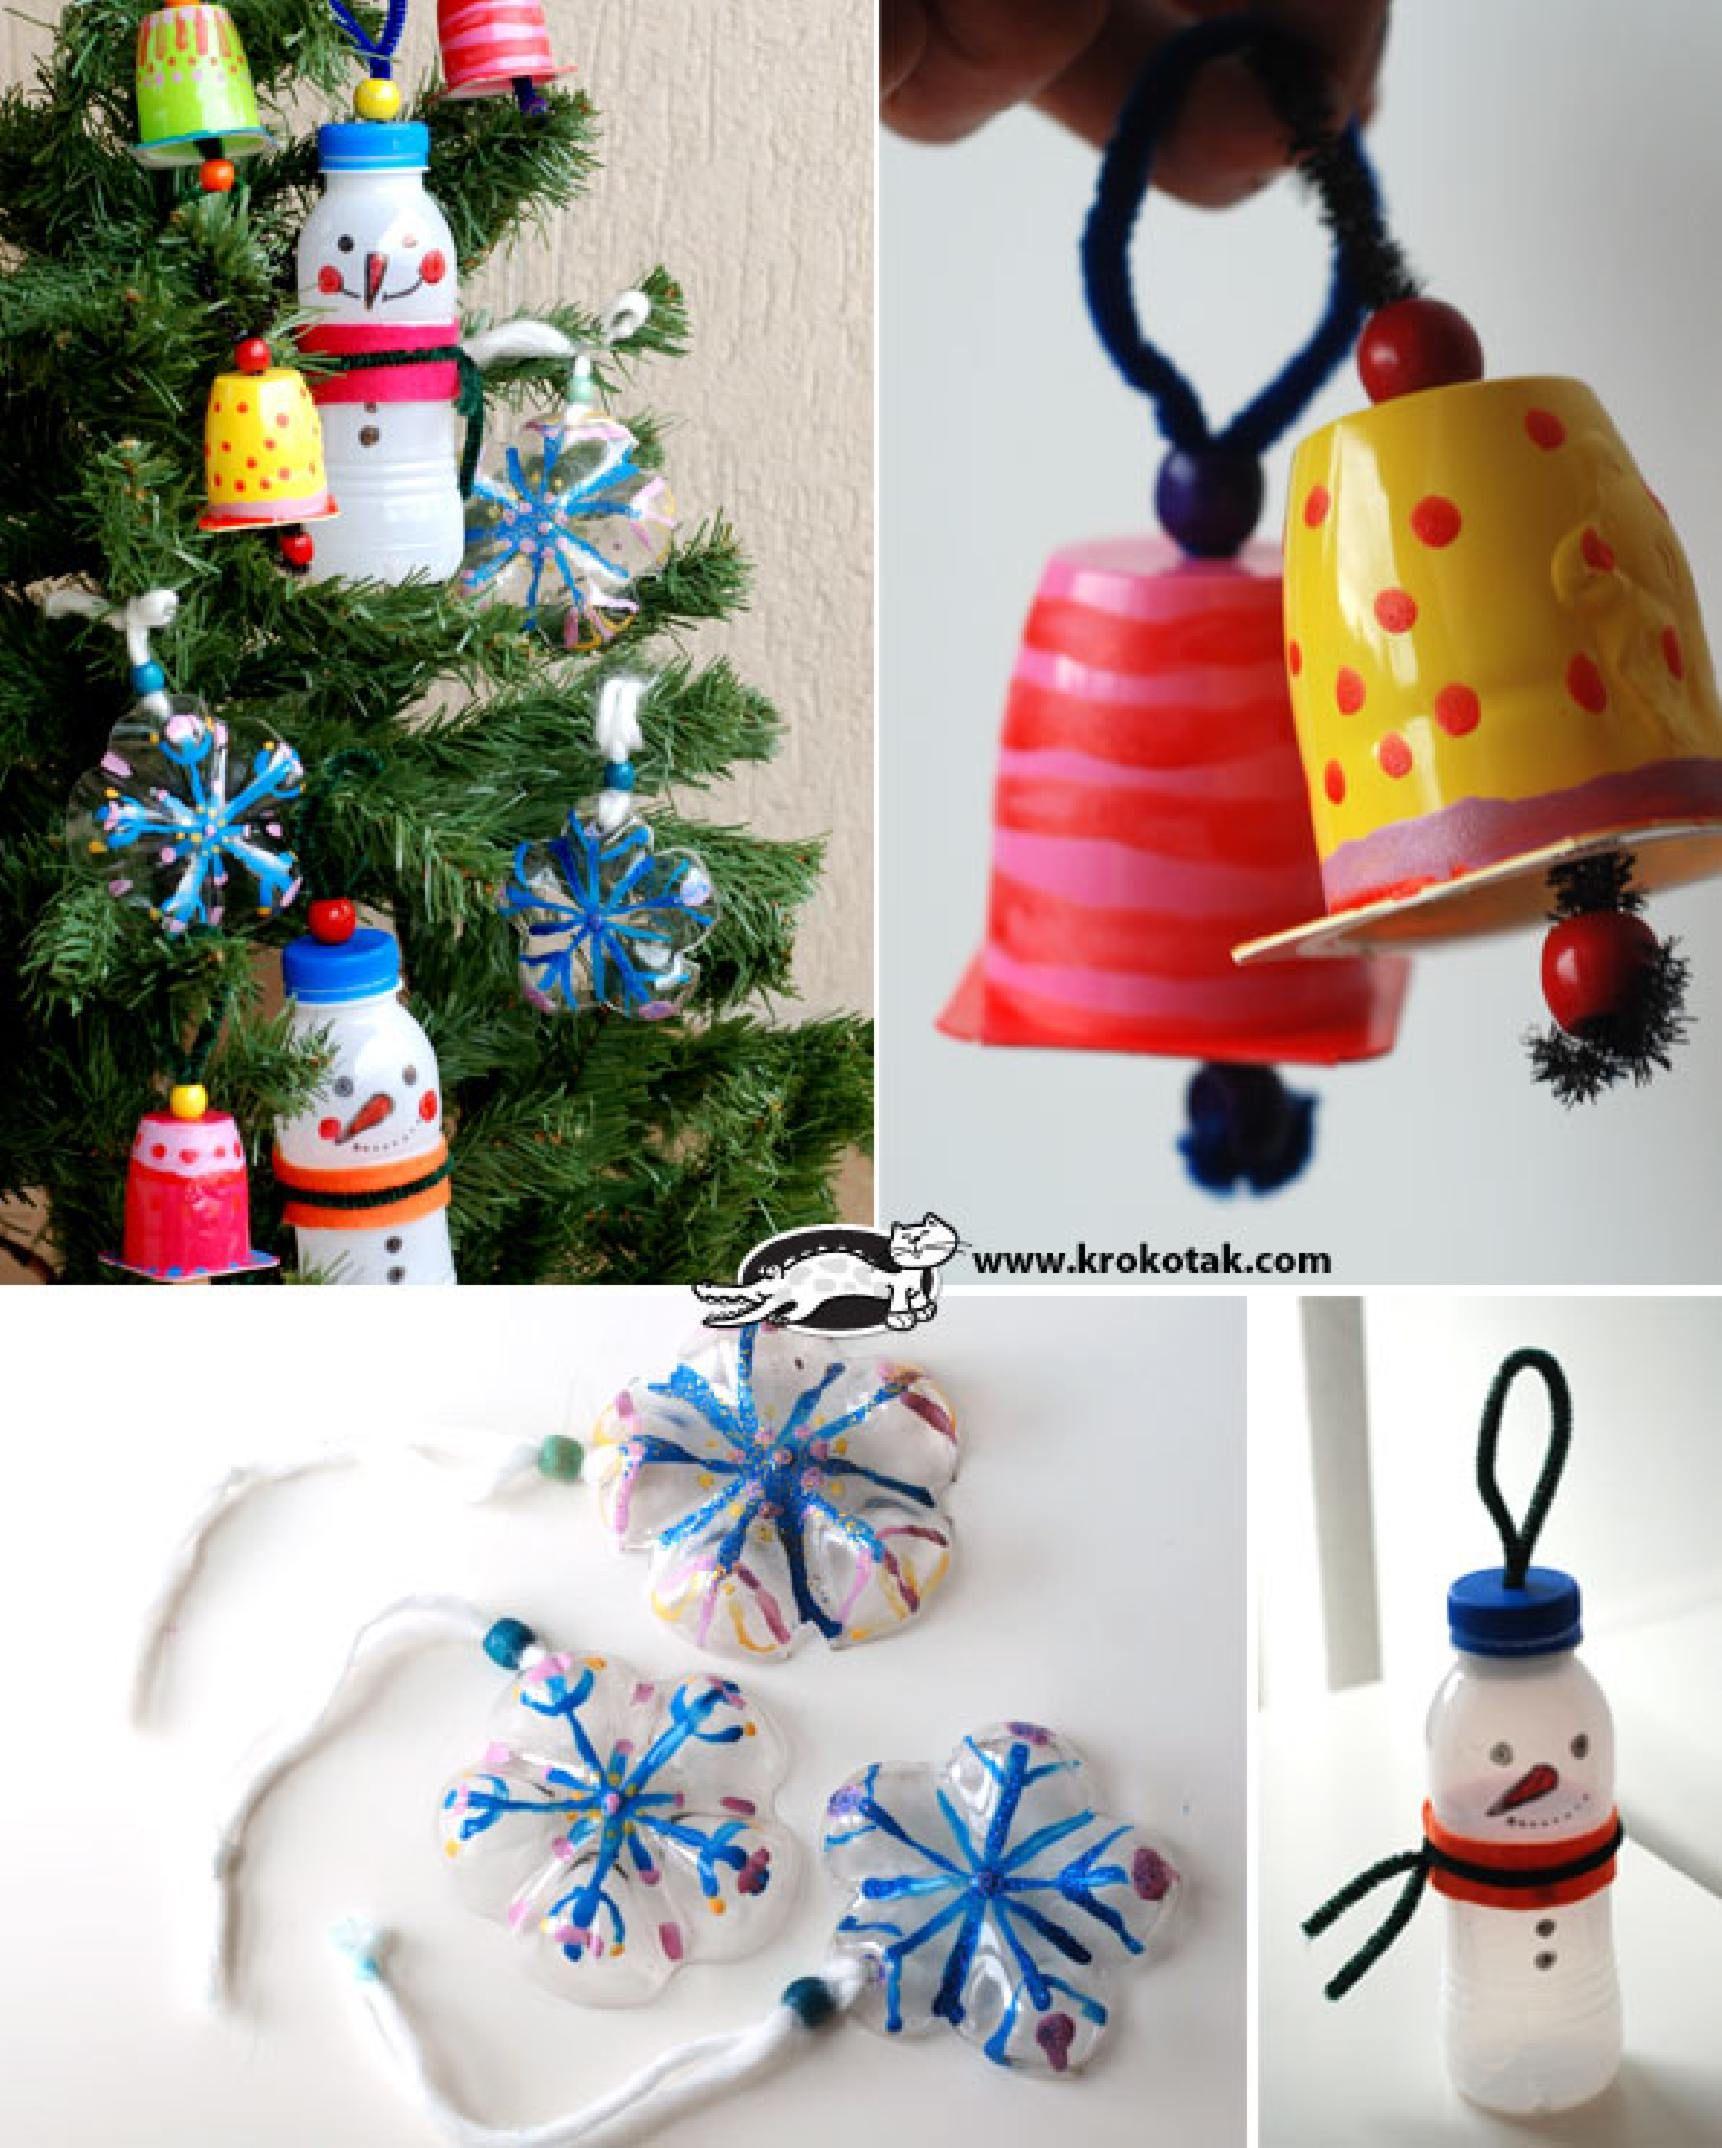 Reciclar botes de pl stico para decorar en navidad